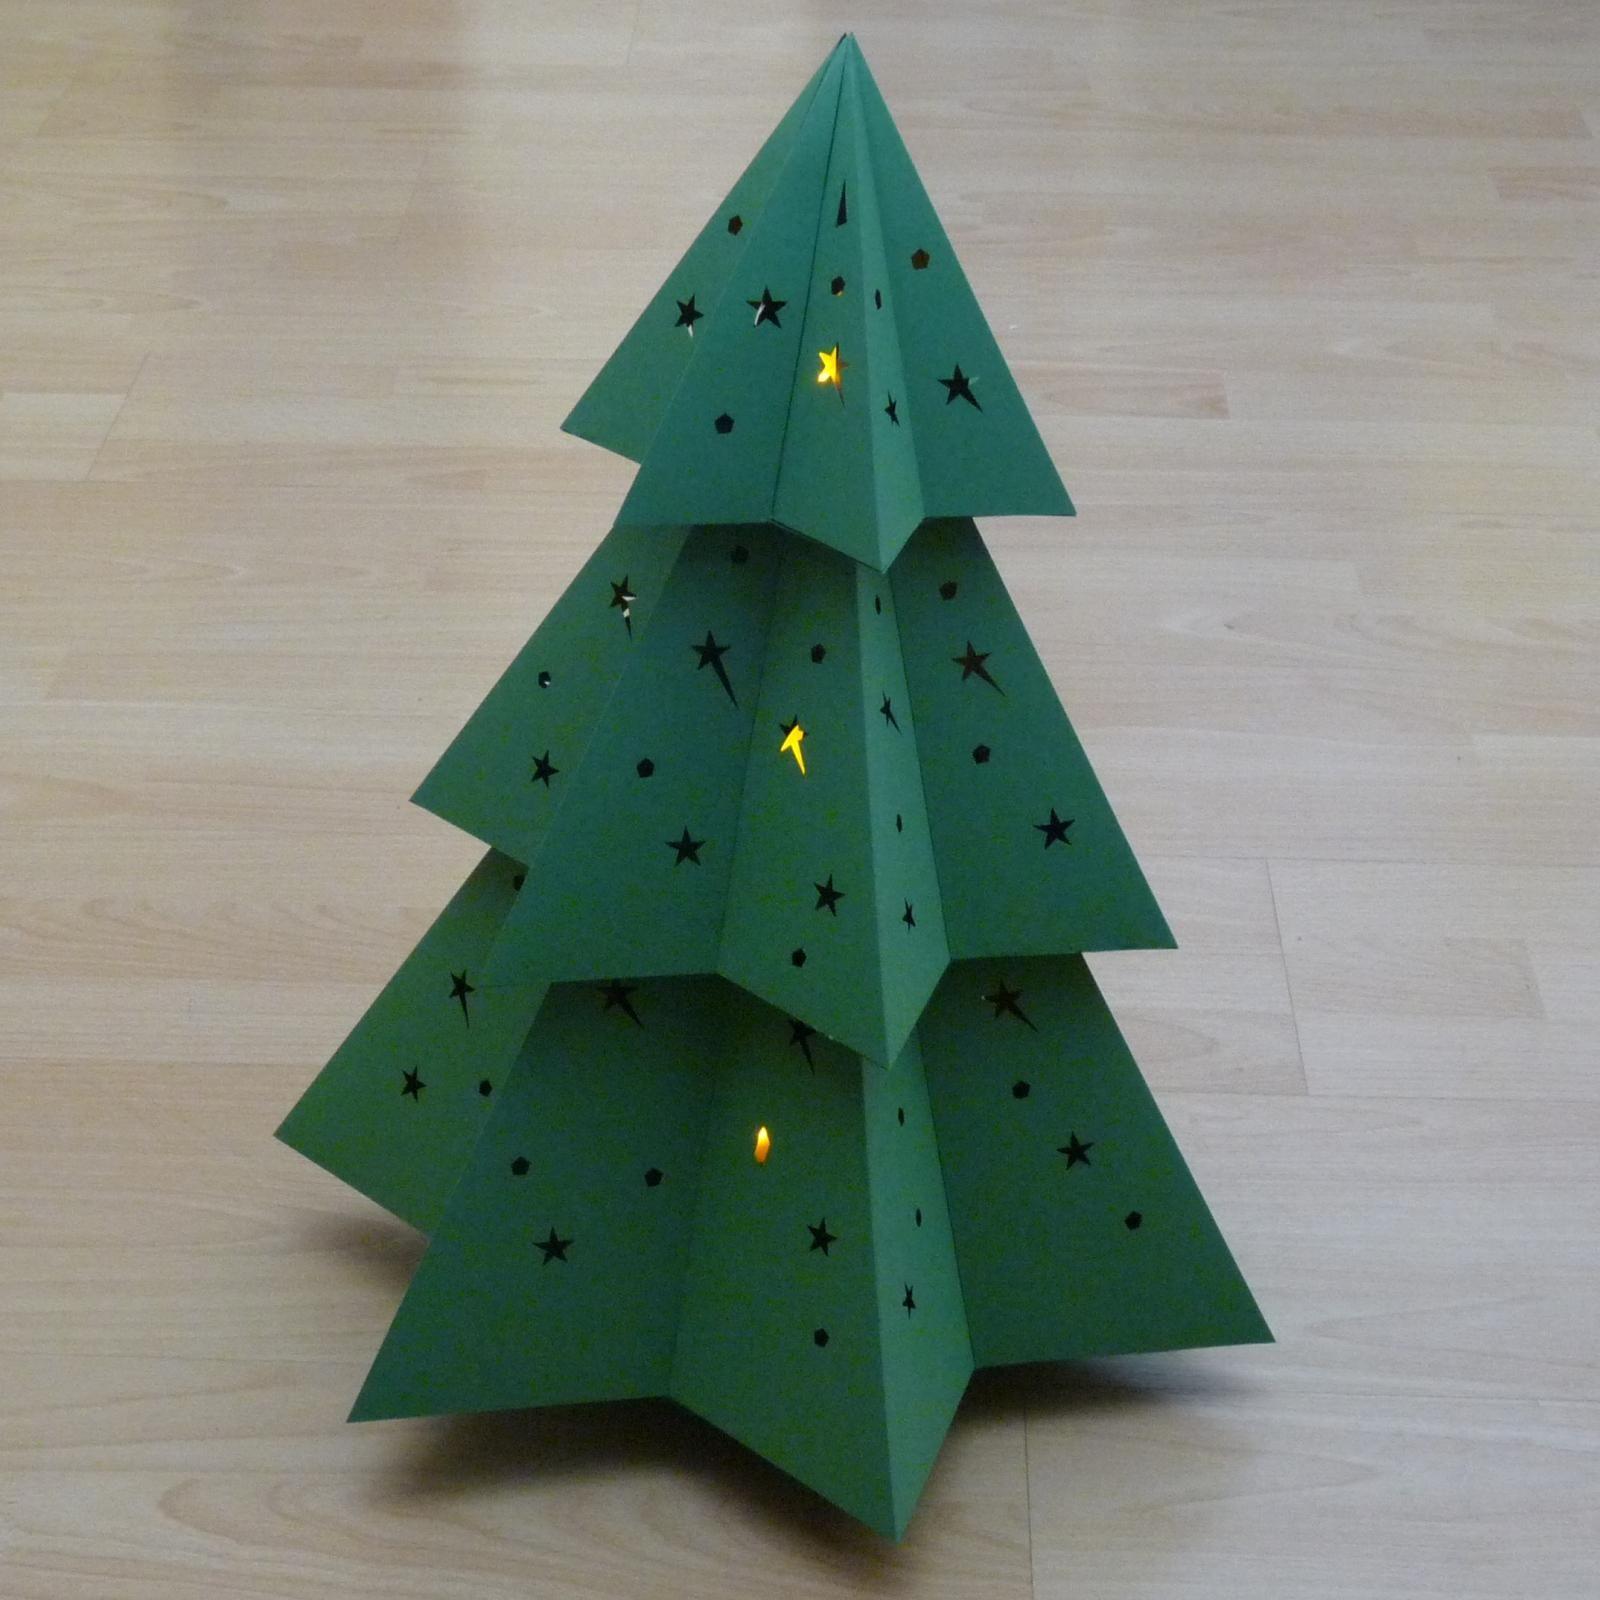 Hexagram Kerstboom Vouwen Groep 7 8 Bovenbouw Papieren